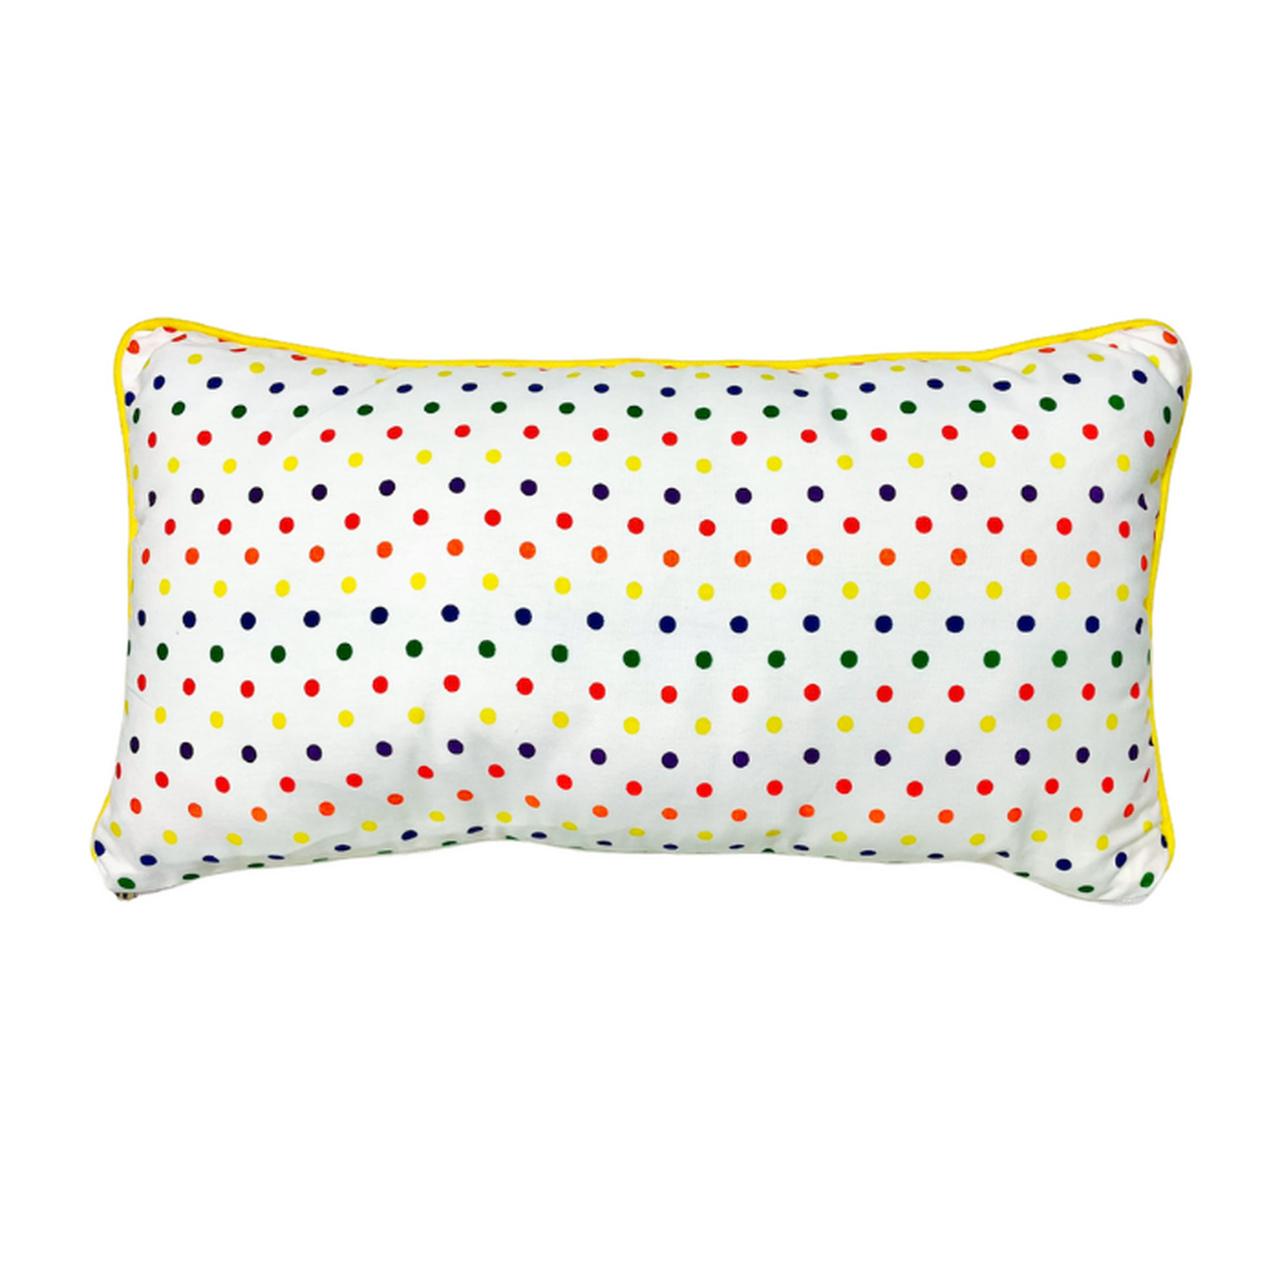 Almofada cabeceira Confete color  25 X 45 cm 100% algodão